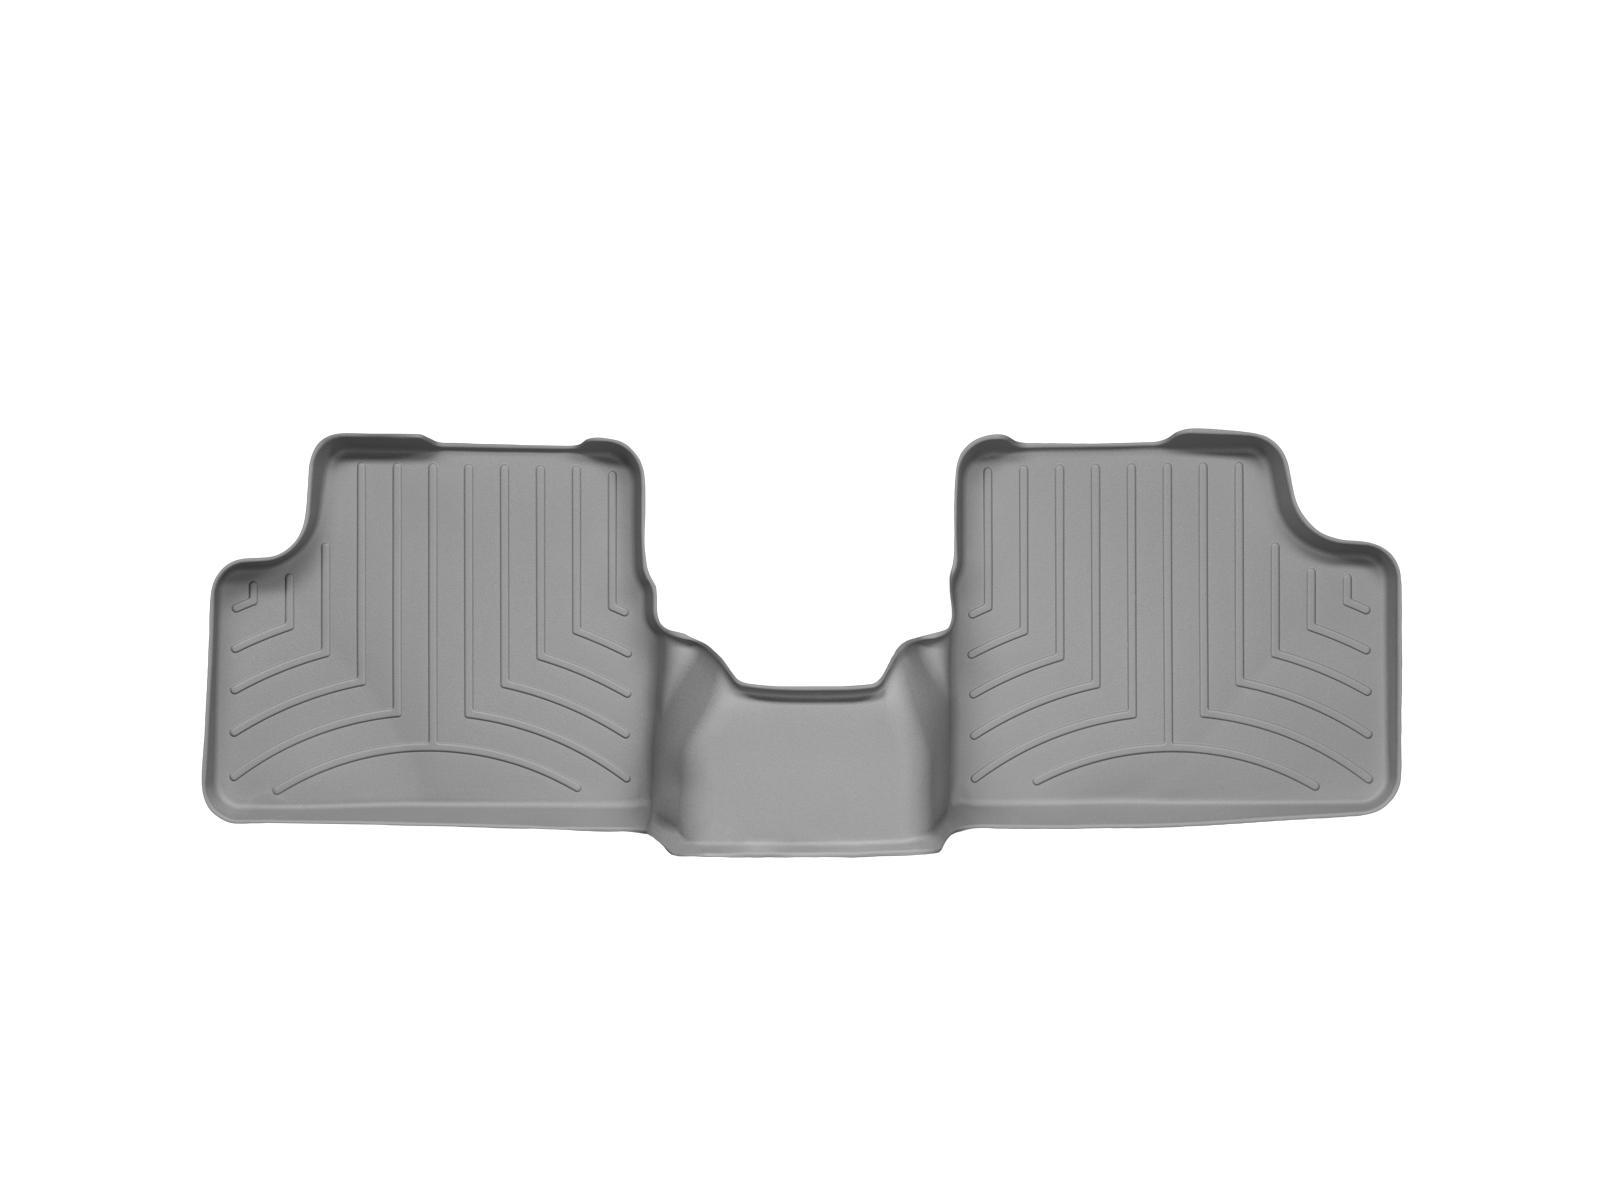 Tappeti gomma su misura bordo alto Opel Astra 09>09 Grigio A2959